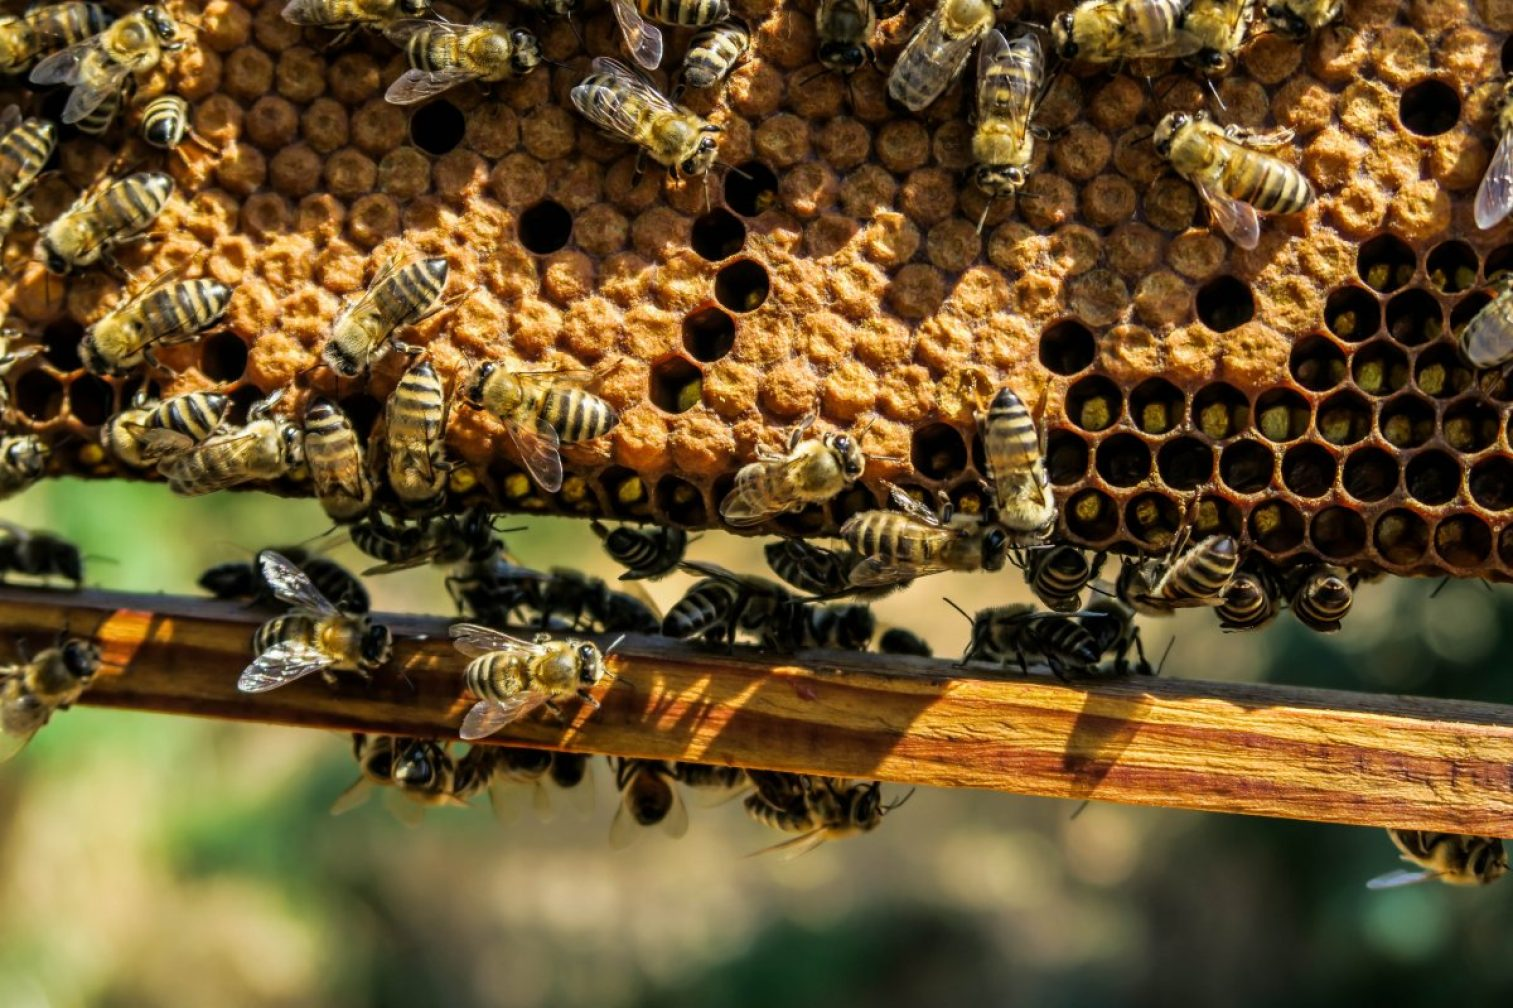 apiary, bee, beehive